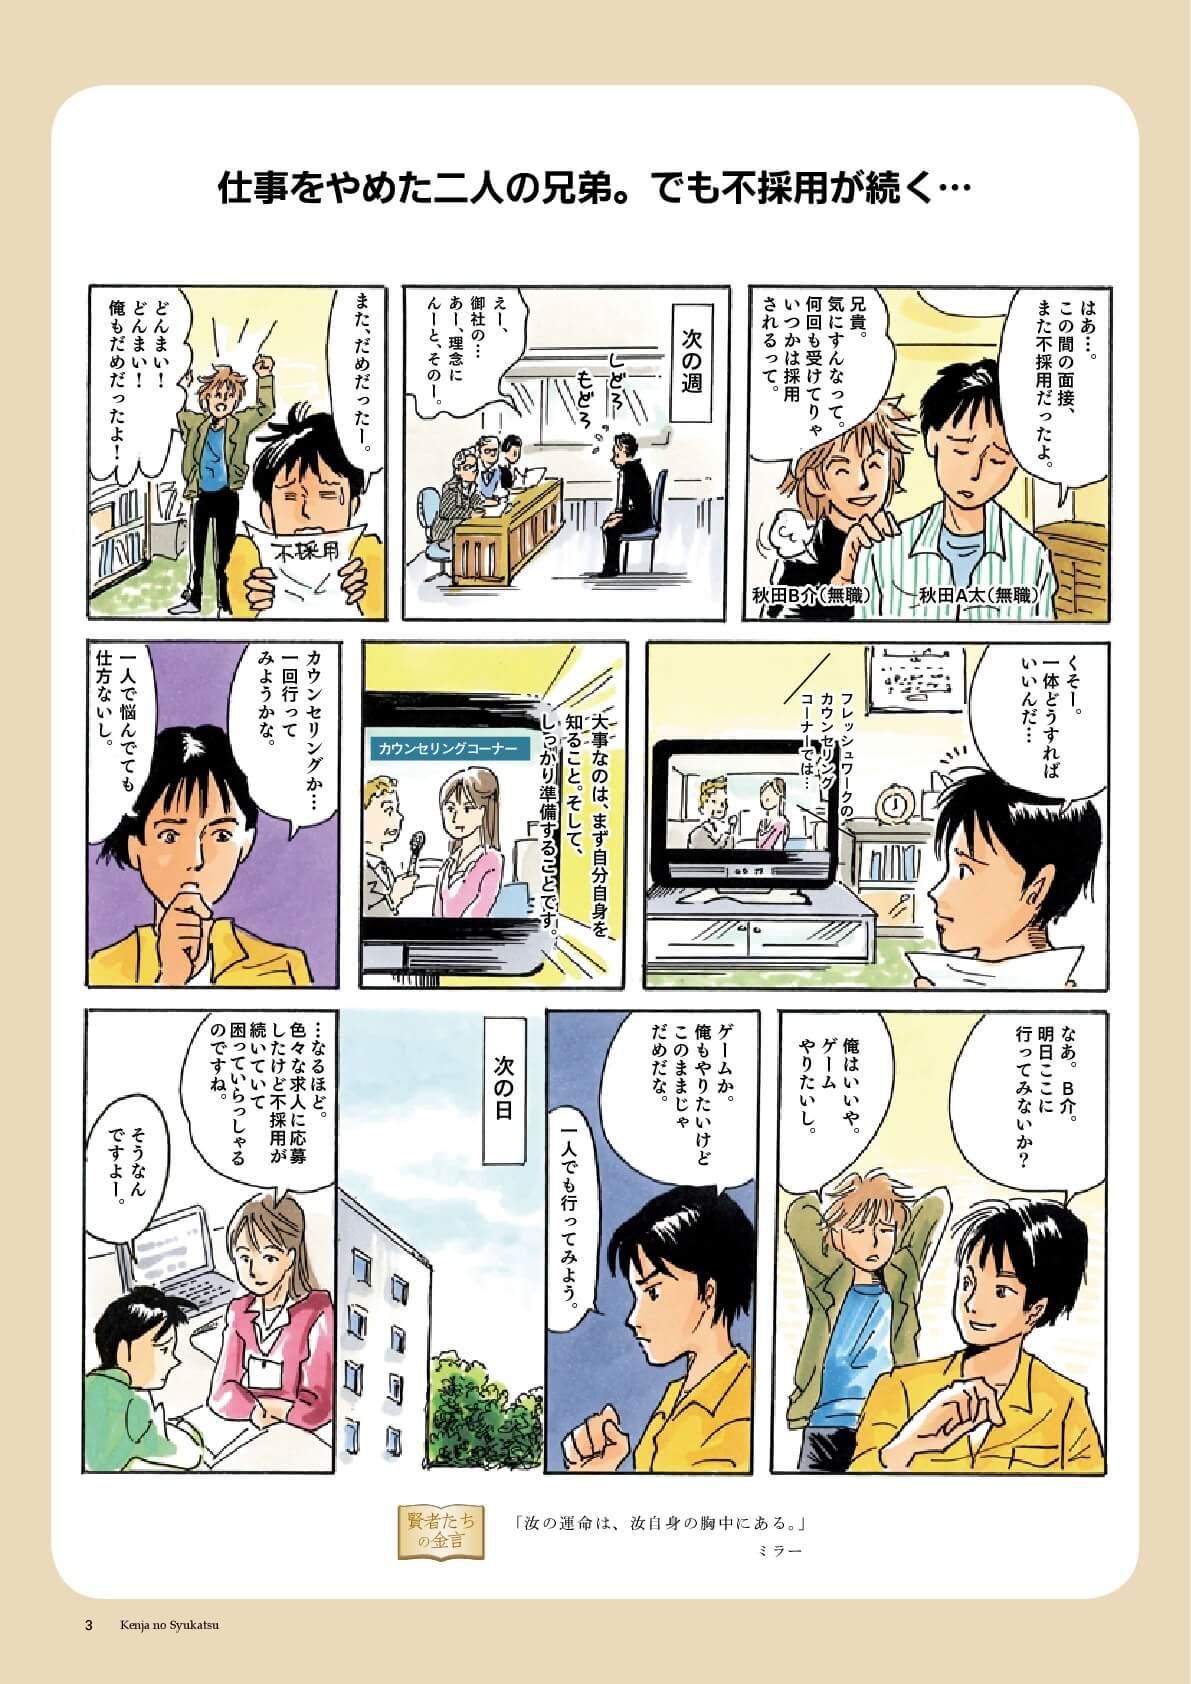 漫画:仕事をやめた二人の兄弟。でも不採用が続く